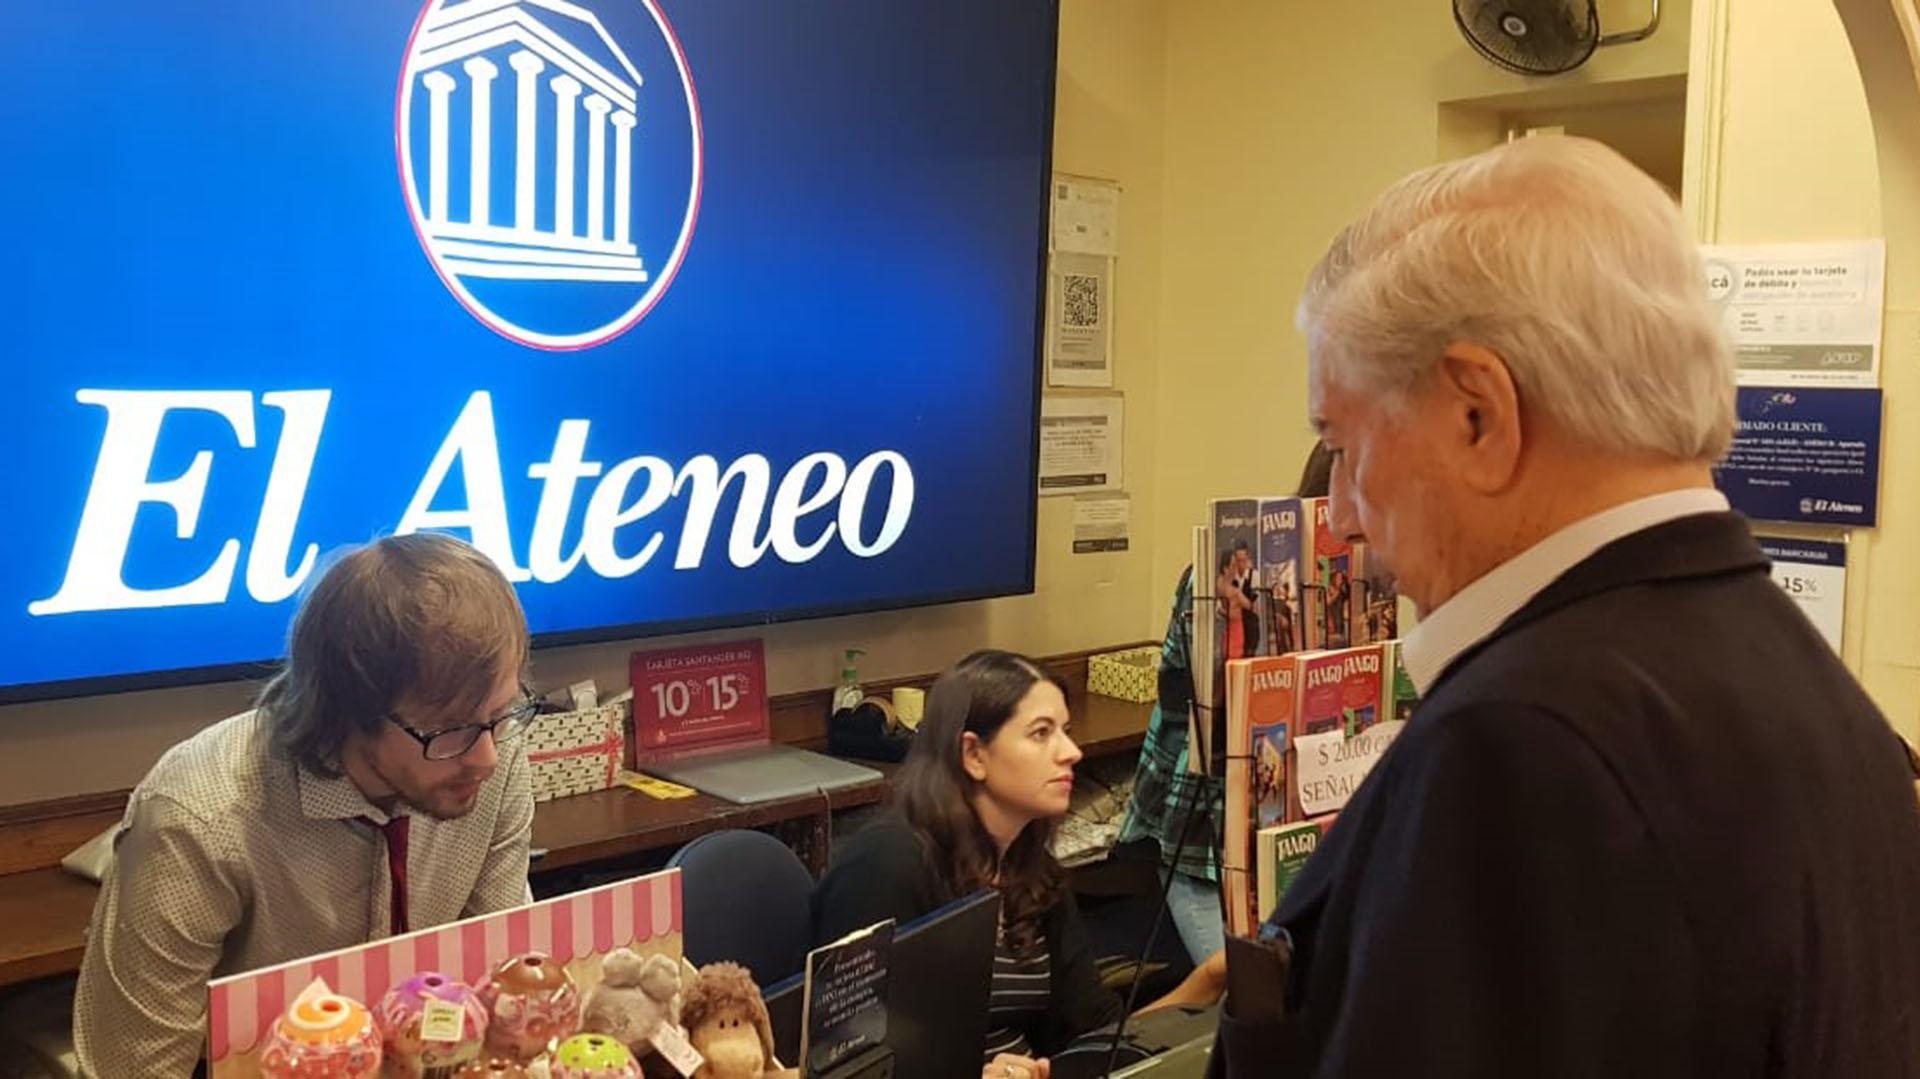 Tras una hora y medio de recorrido por los anaqueles de la librería Ateneo Gran Splendid, Mario Vargas Llosa compró dos tomos de las obras de su admirado Jorge Luis Borges